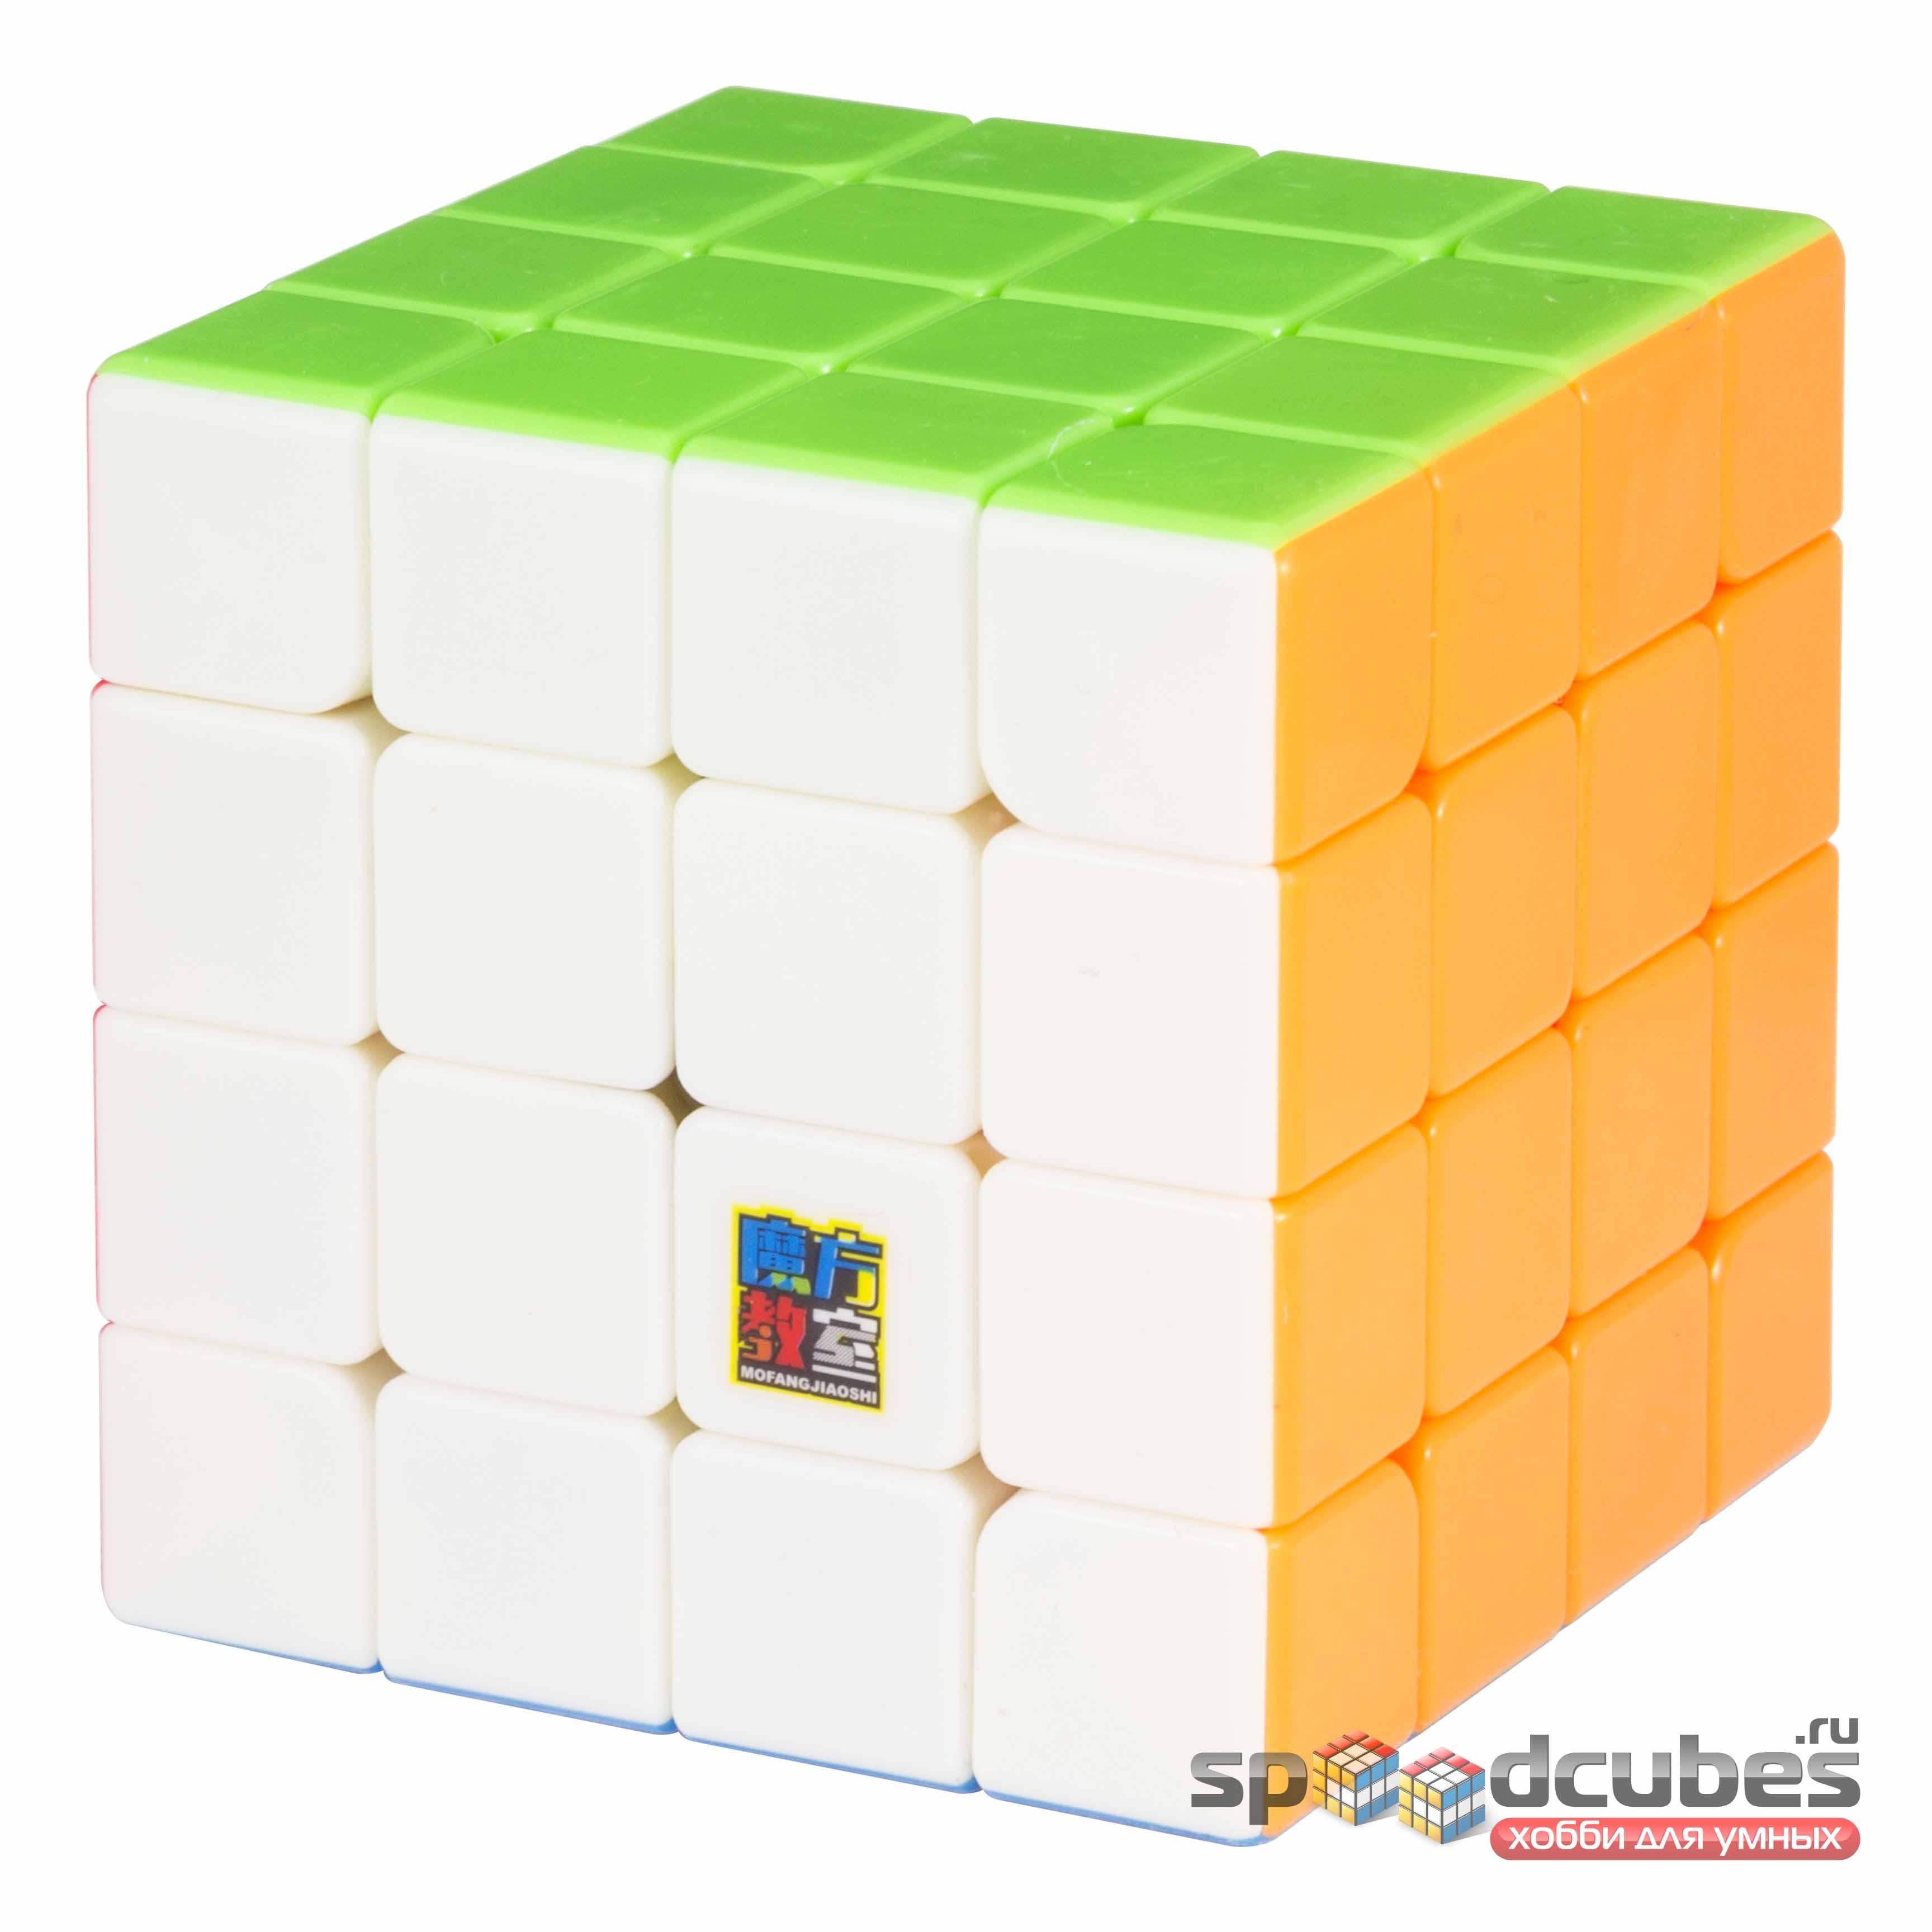 MoYu 4x4x4 MofangJiaoshi MF4 Tsv 2